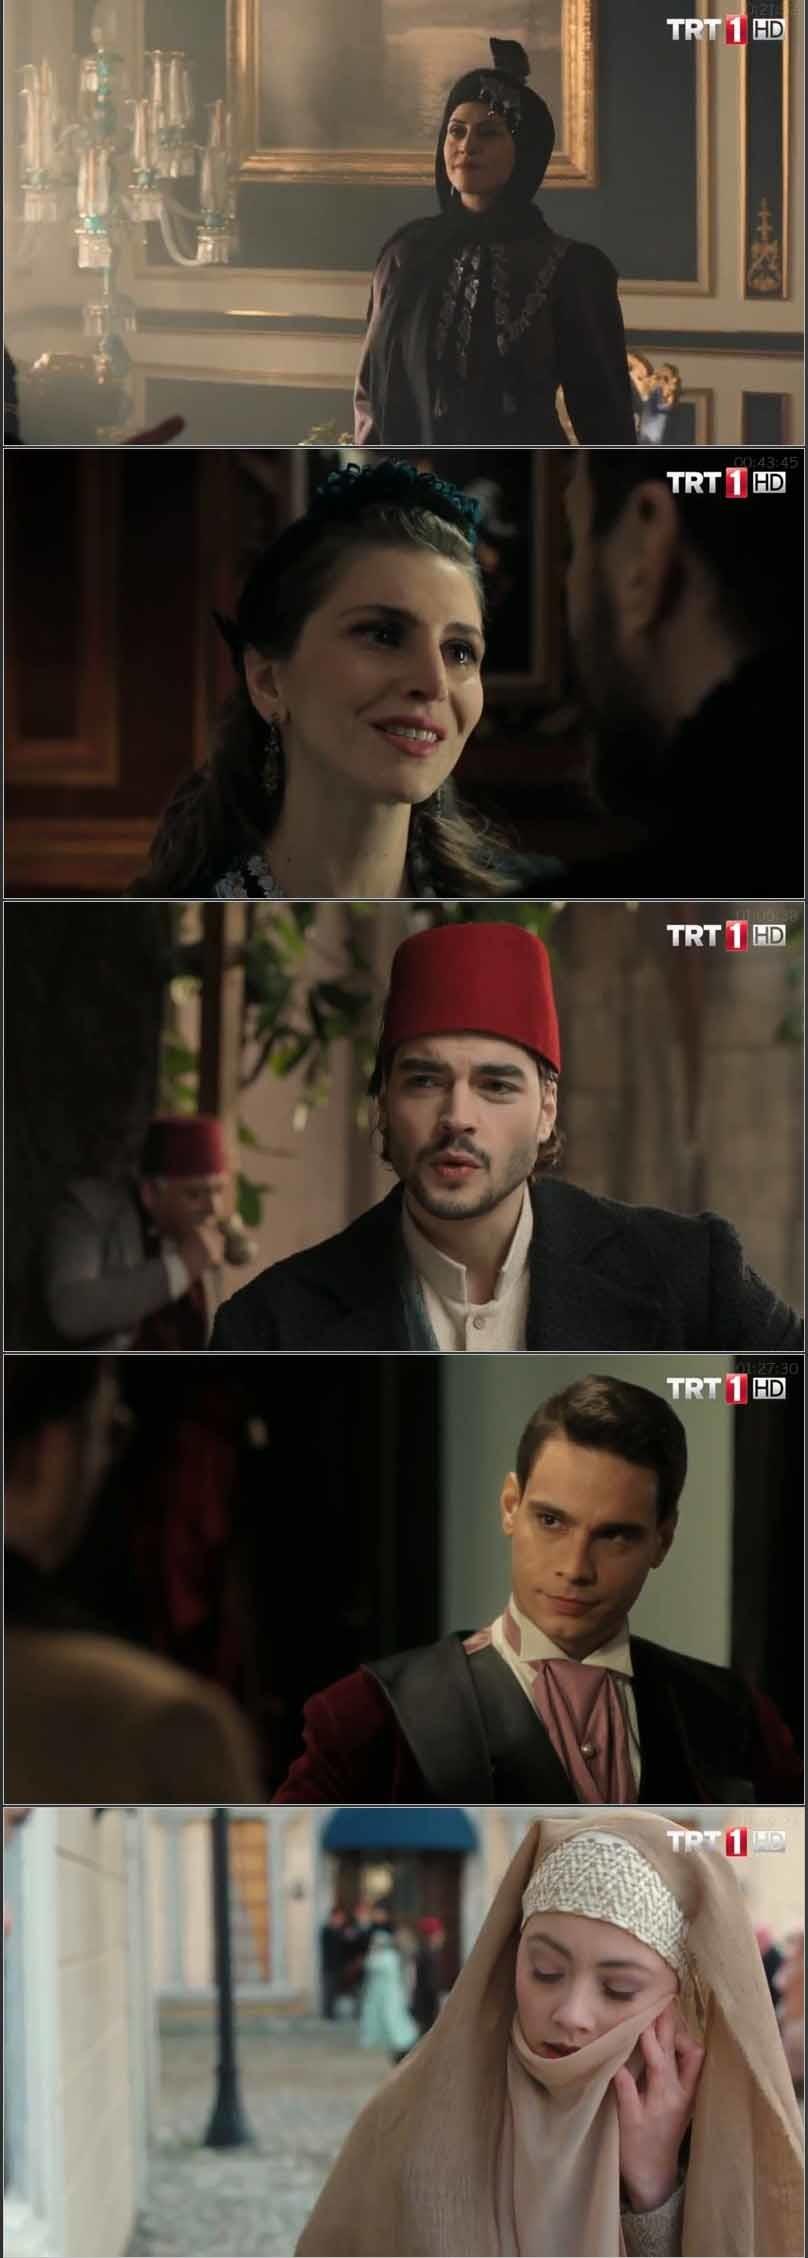 Payitaht Abdülhamid WEB-DL 720p 1080p Güncel Tüm Bölümler - Yerli Dizi indir - Tek Link indir